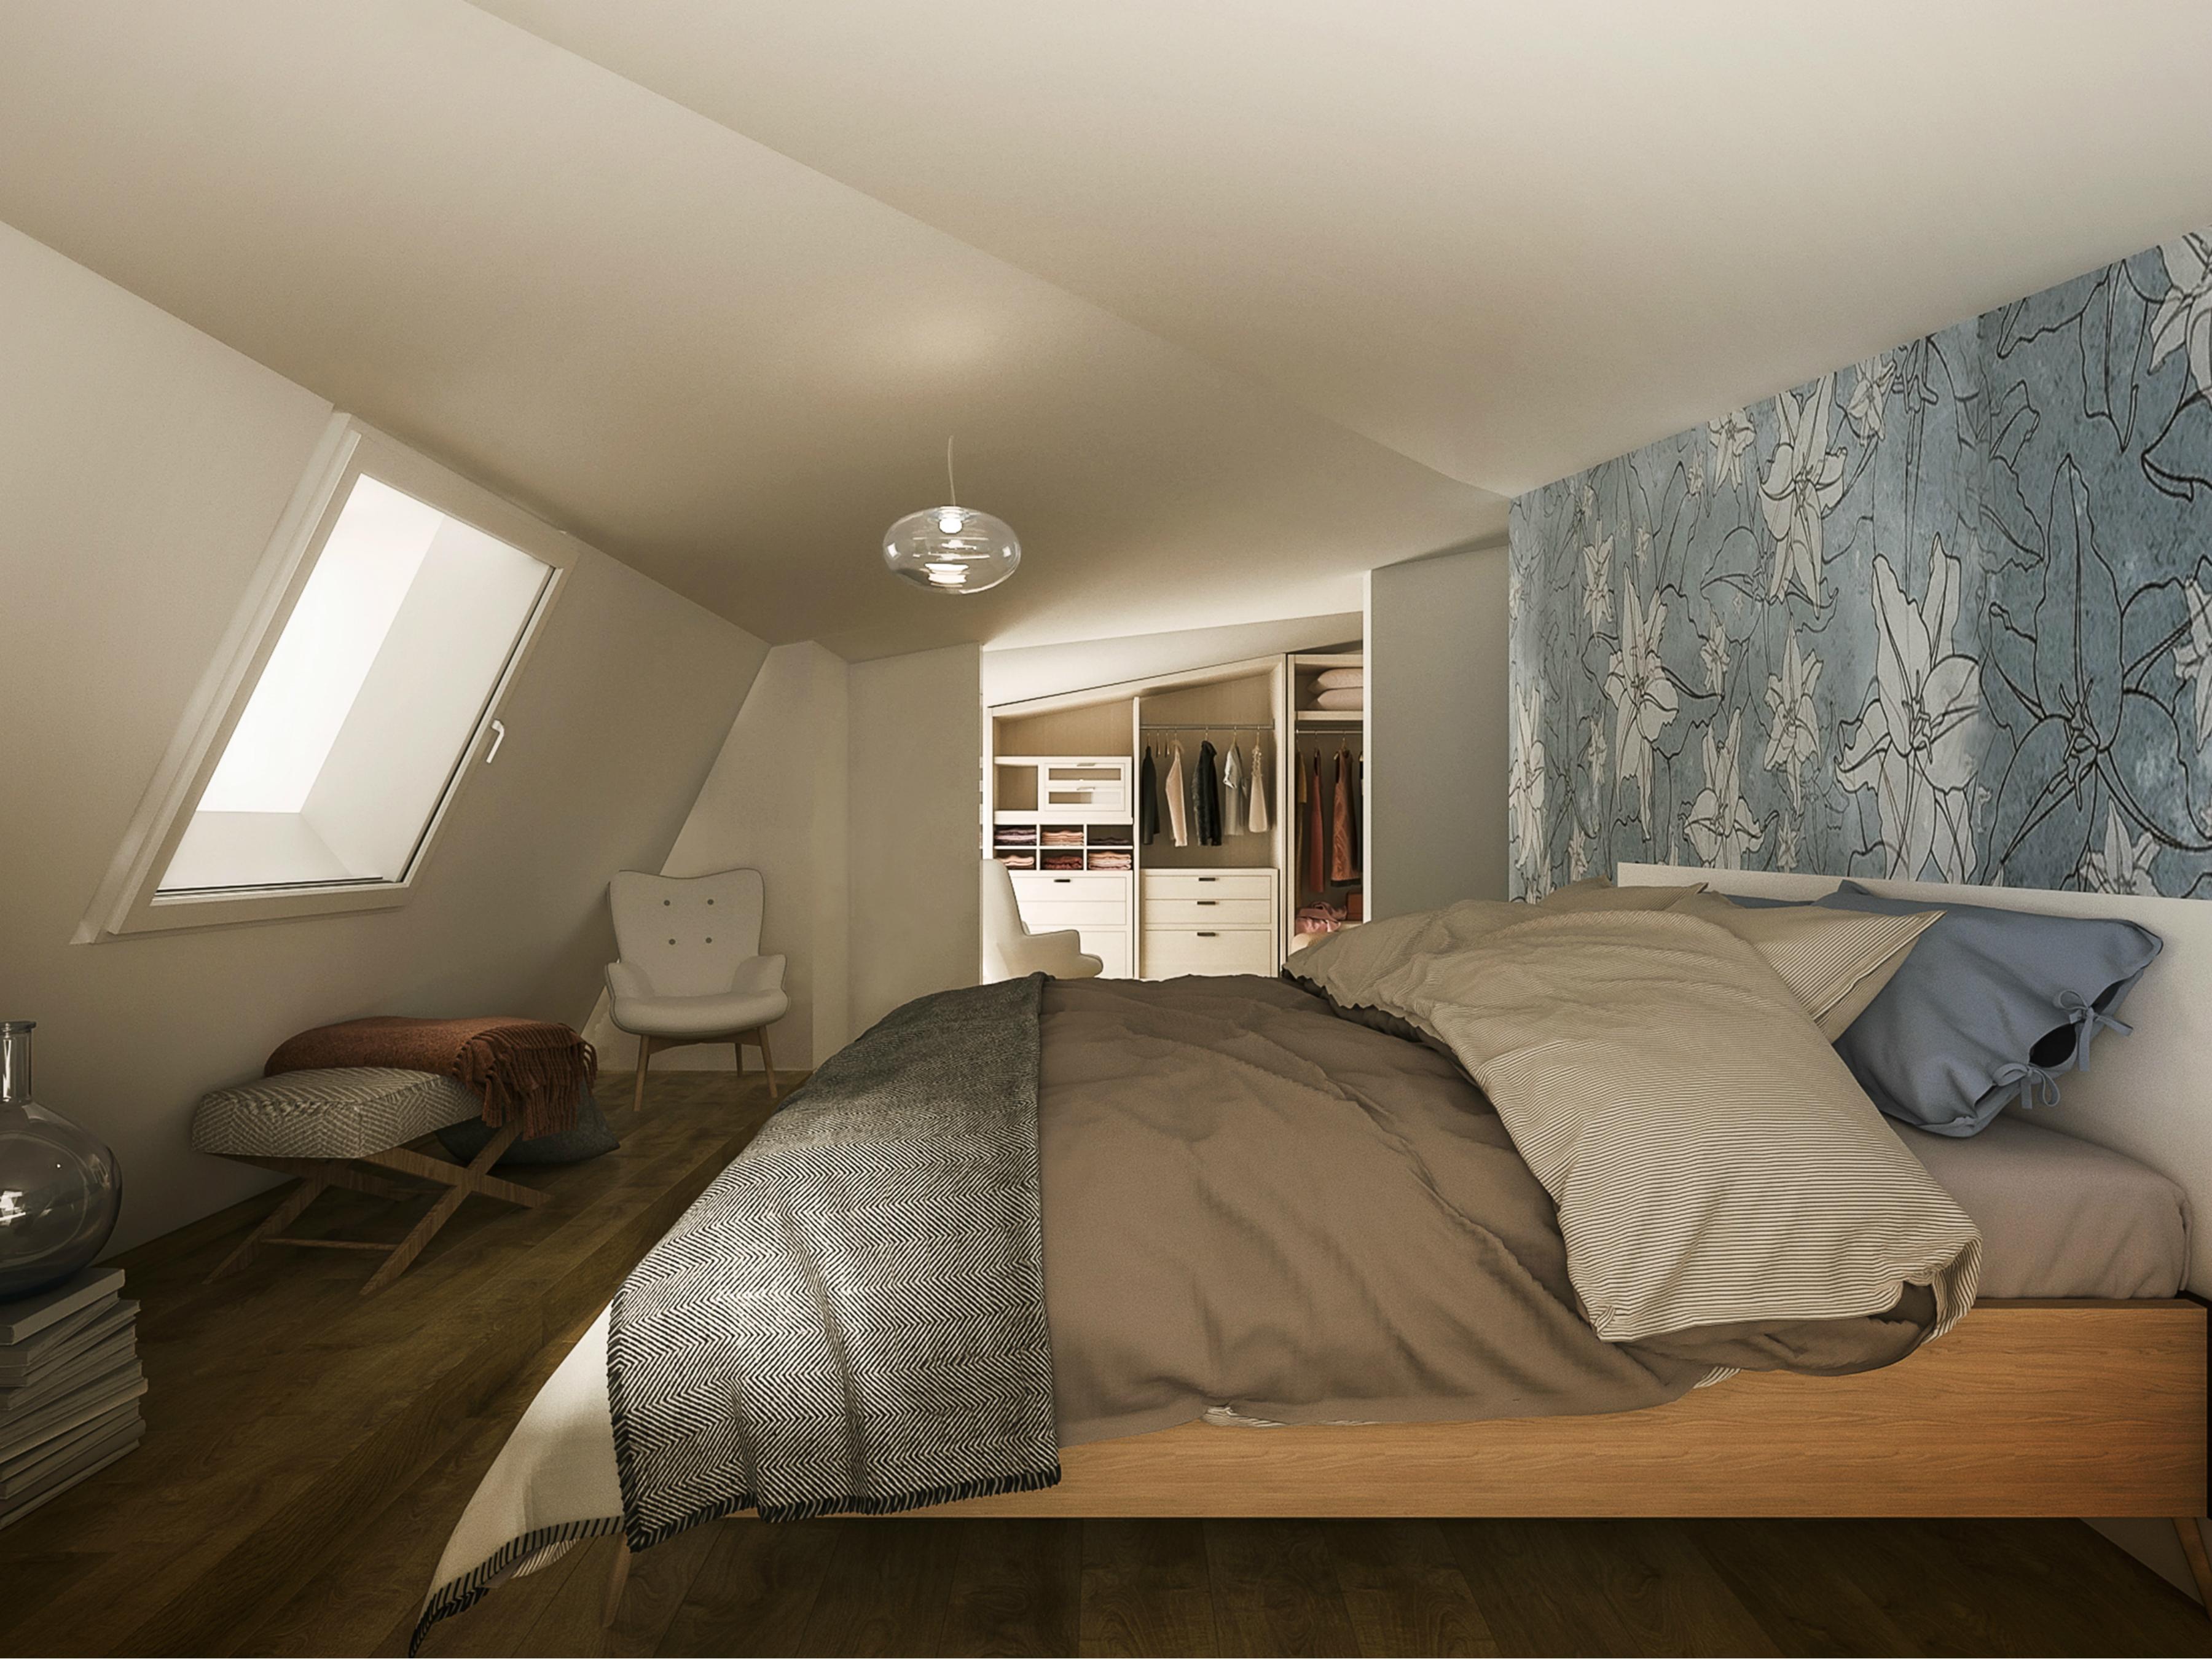 Camera da letto dopo gli interventi